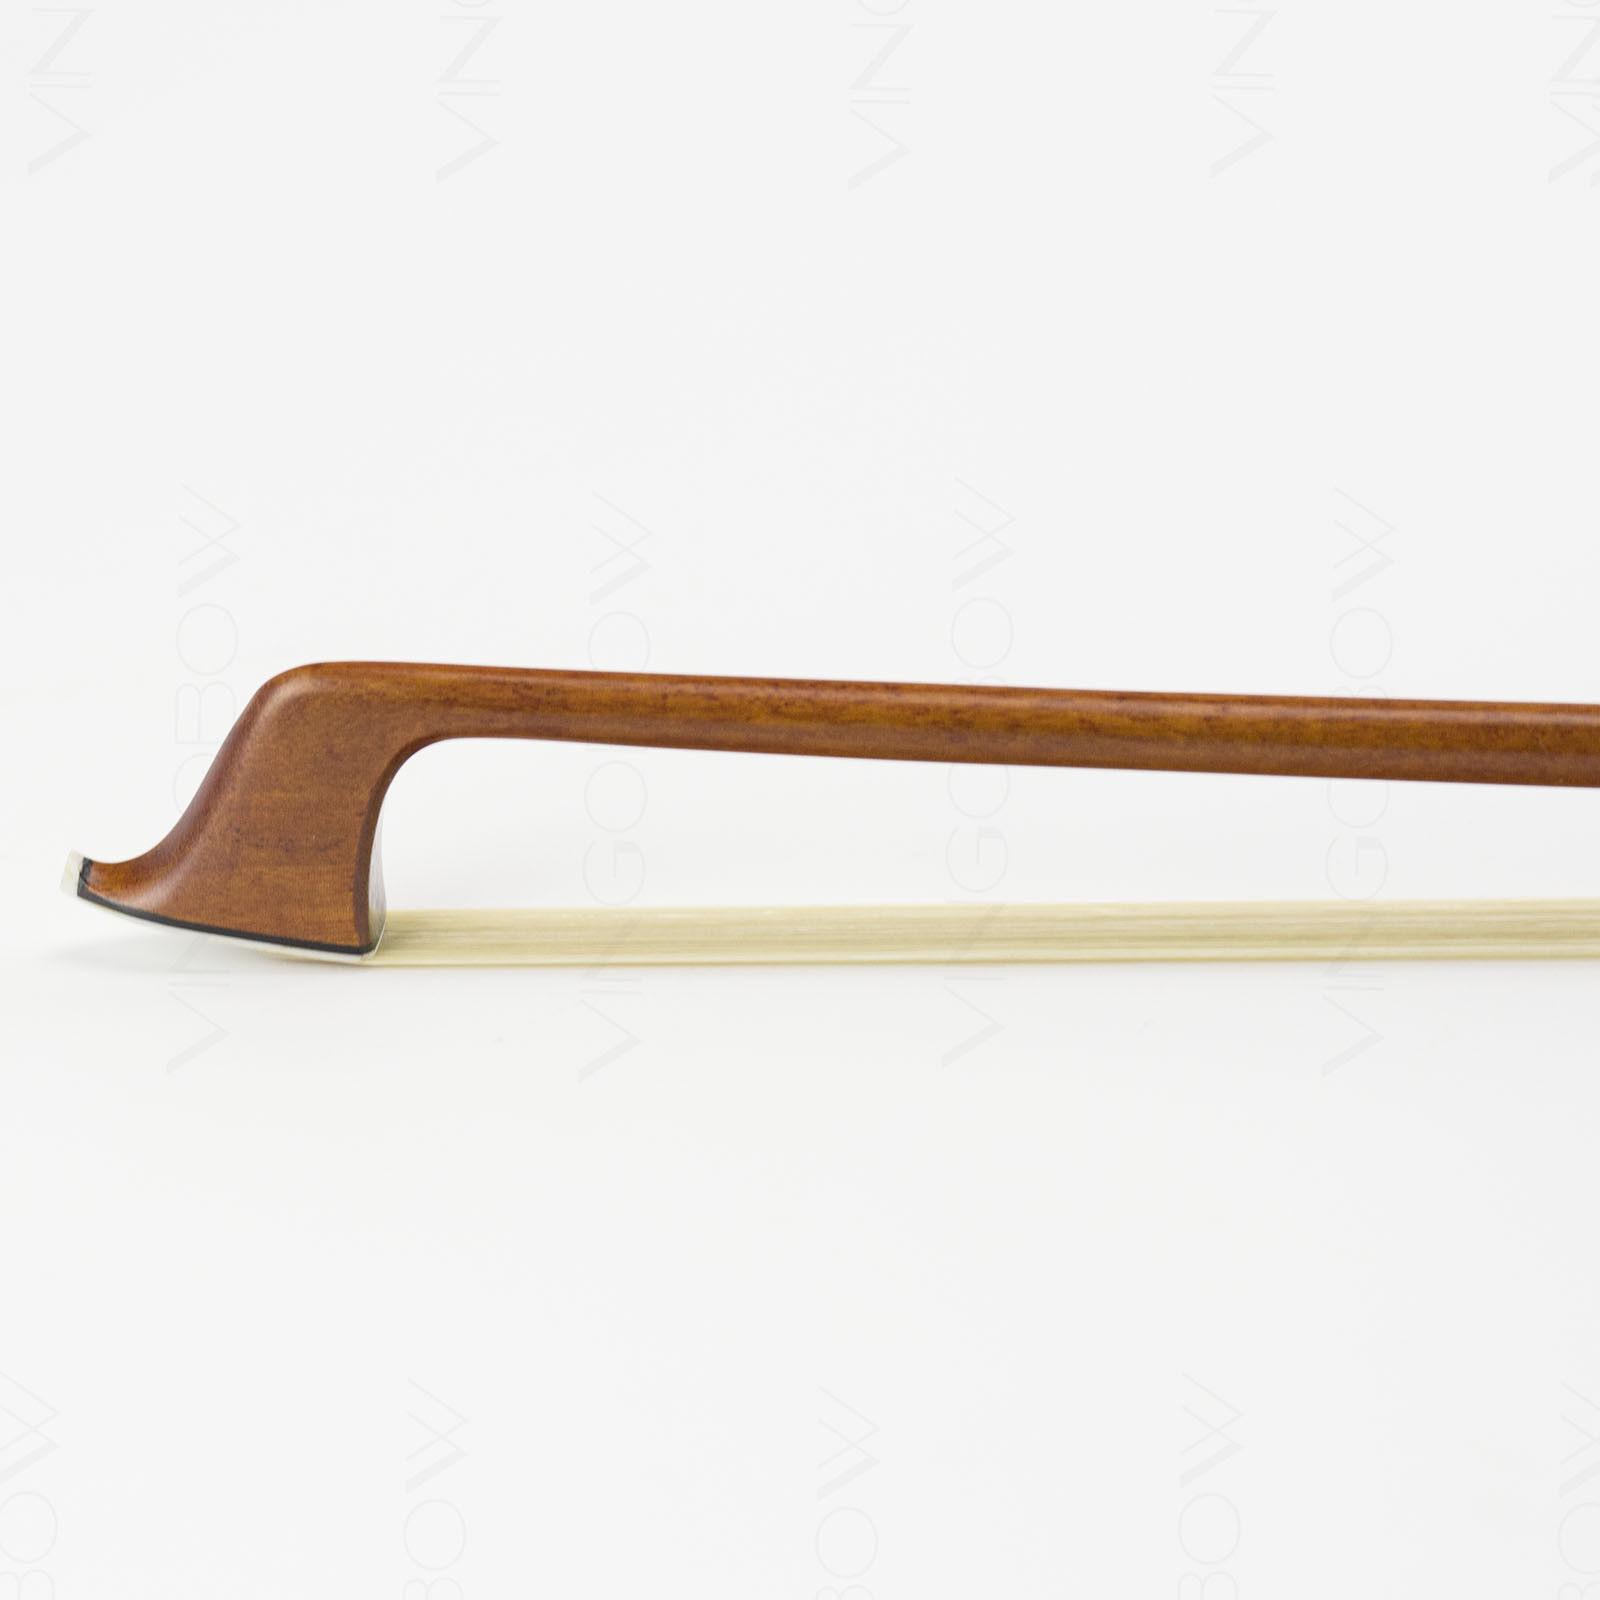 Pernambuco violonchelo tono cálido cálido cálido y dulce para porfessional violonchelista  Special Hecho  8de956